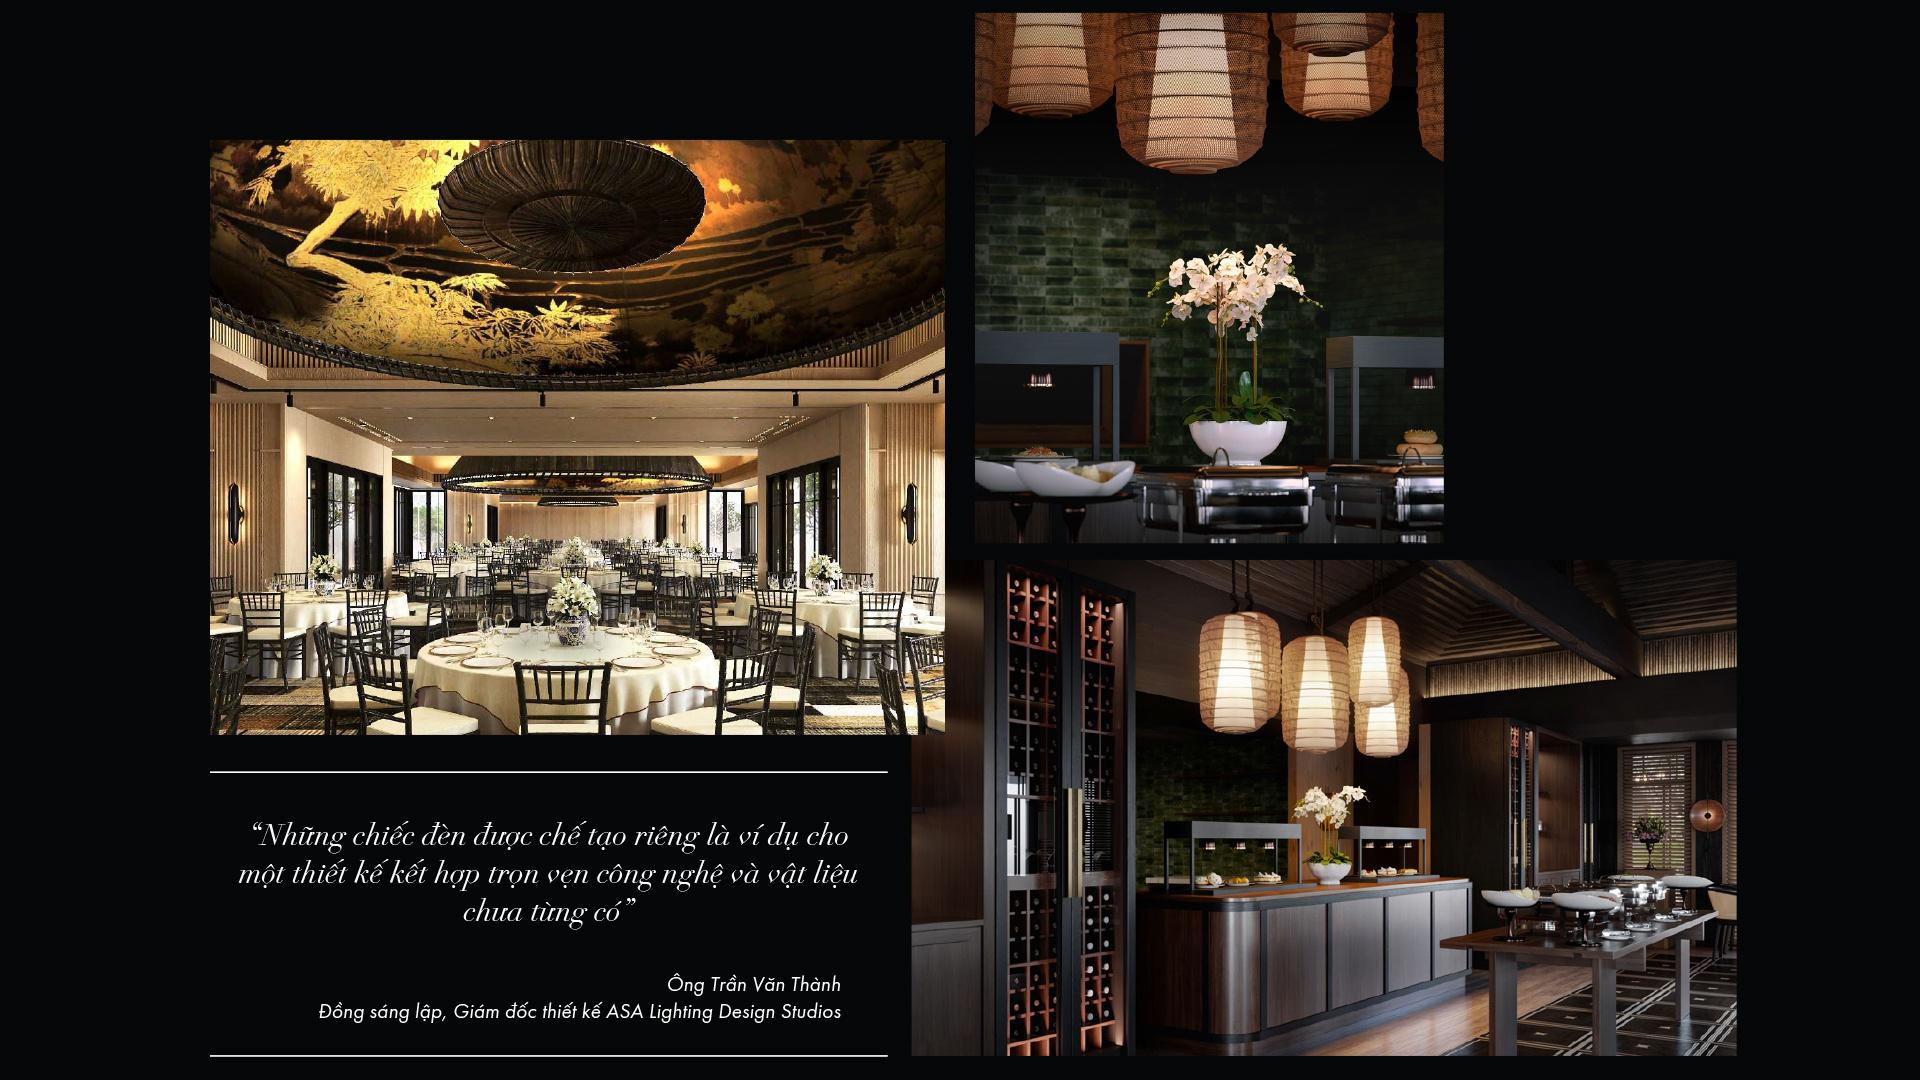 - 02_copy_1 - 'Chưa dự án nào được thiết kế ánh sáng như Park Hyatt Phu Quoc'